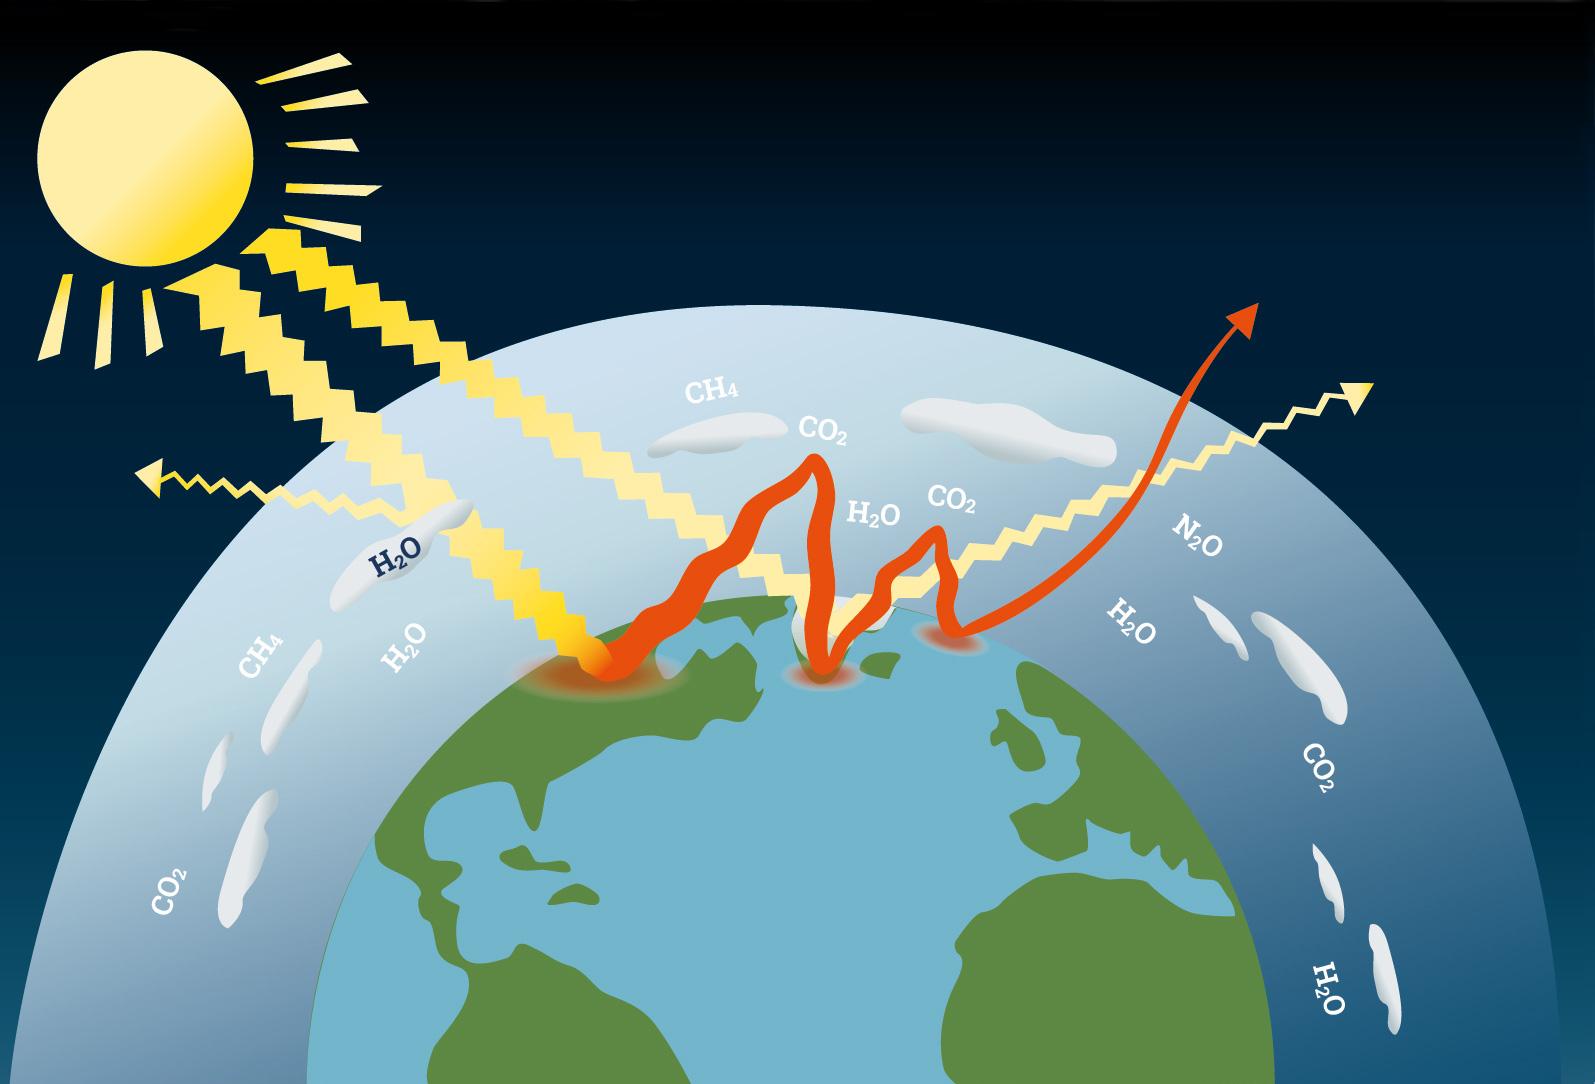 växthuseffekt, solinstrålning, energibalans, växthuseffekten, jorden, växthusgaser